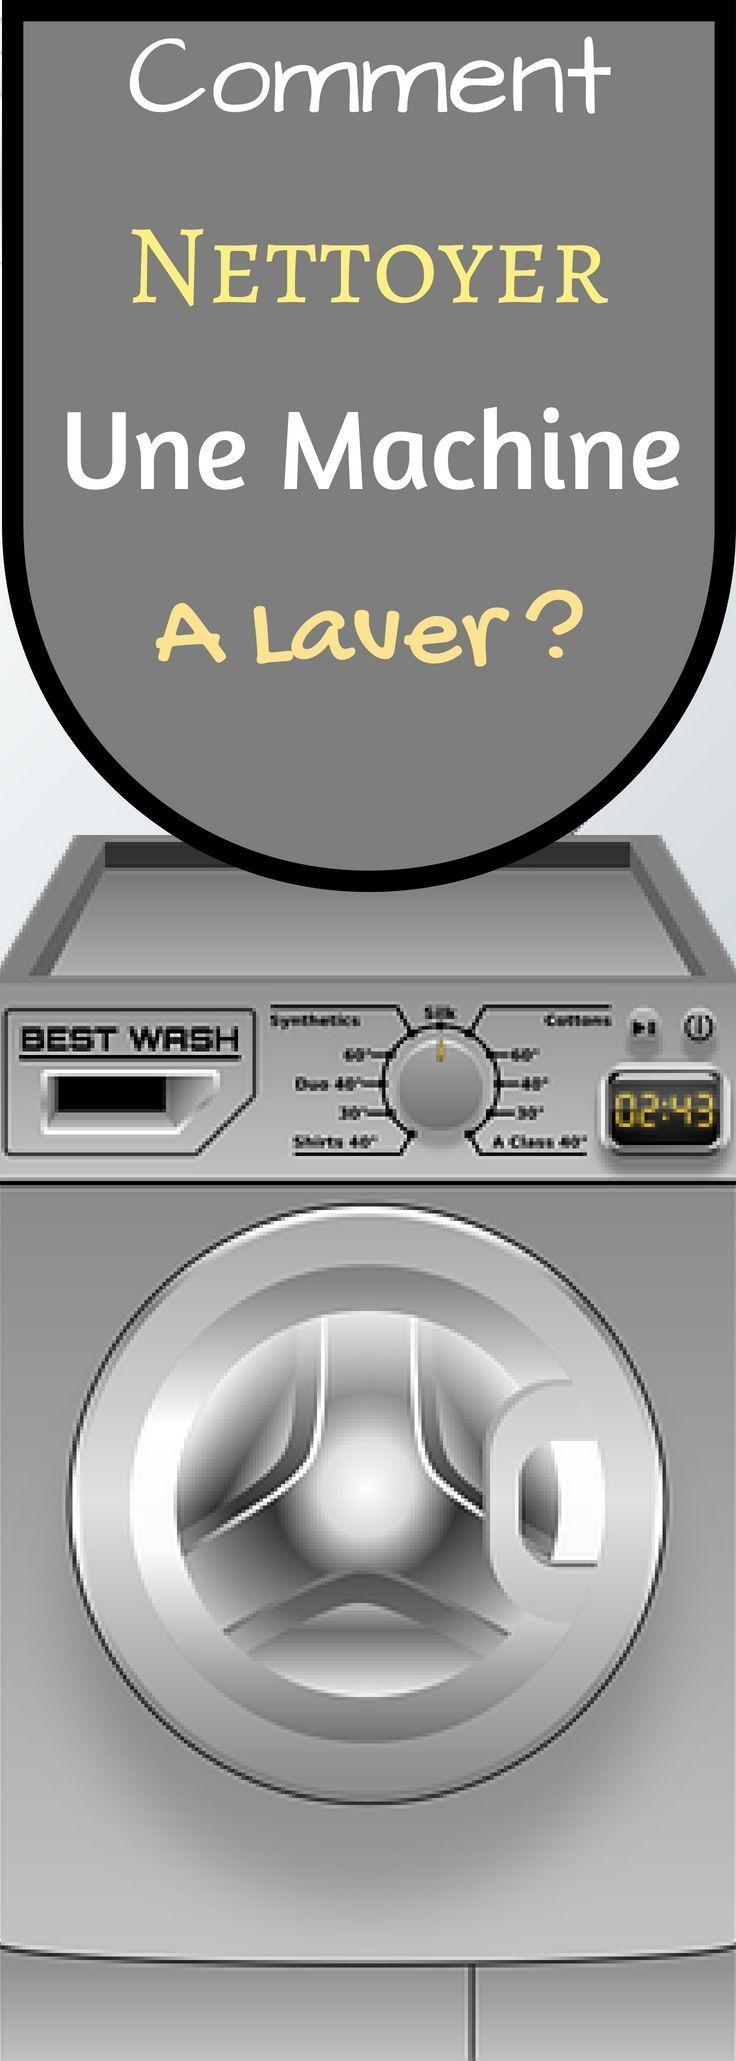 comment nettoyer une machine laver astuces pour les. Black Bedroom Furniture Sets. Home Design Ideas